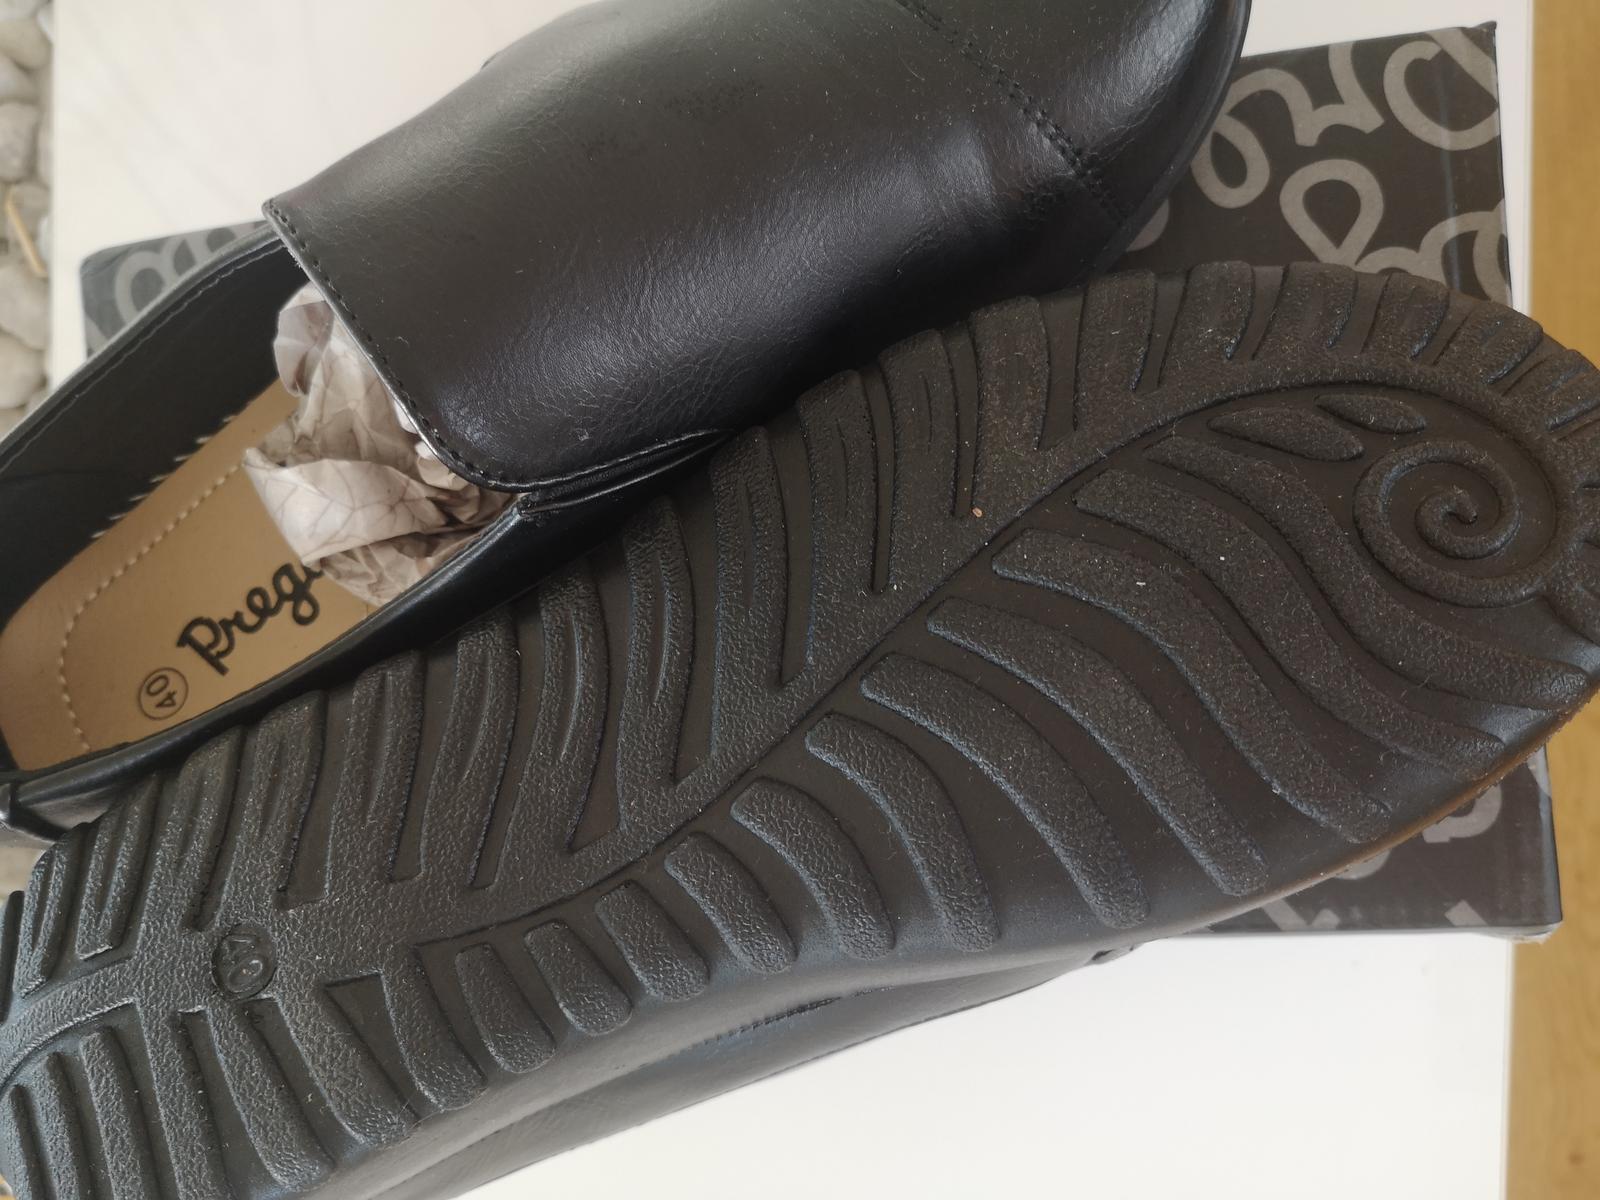 černé boty - Obrázek č. 1